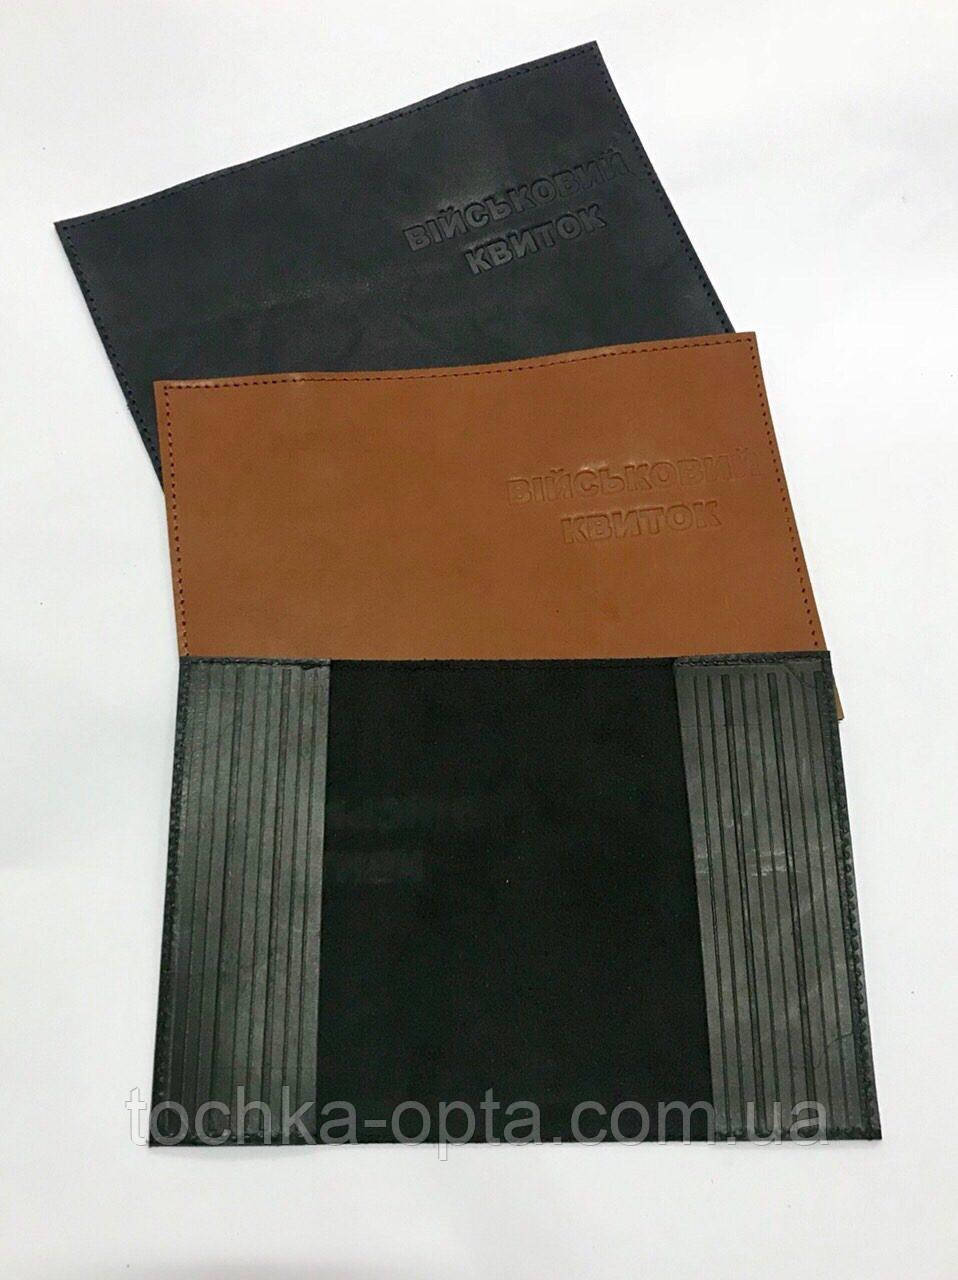 Обкладинка Військовий квиток шкіряна